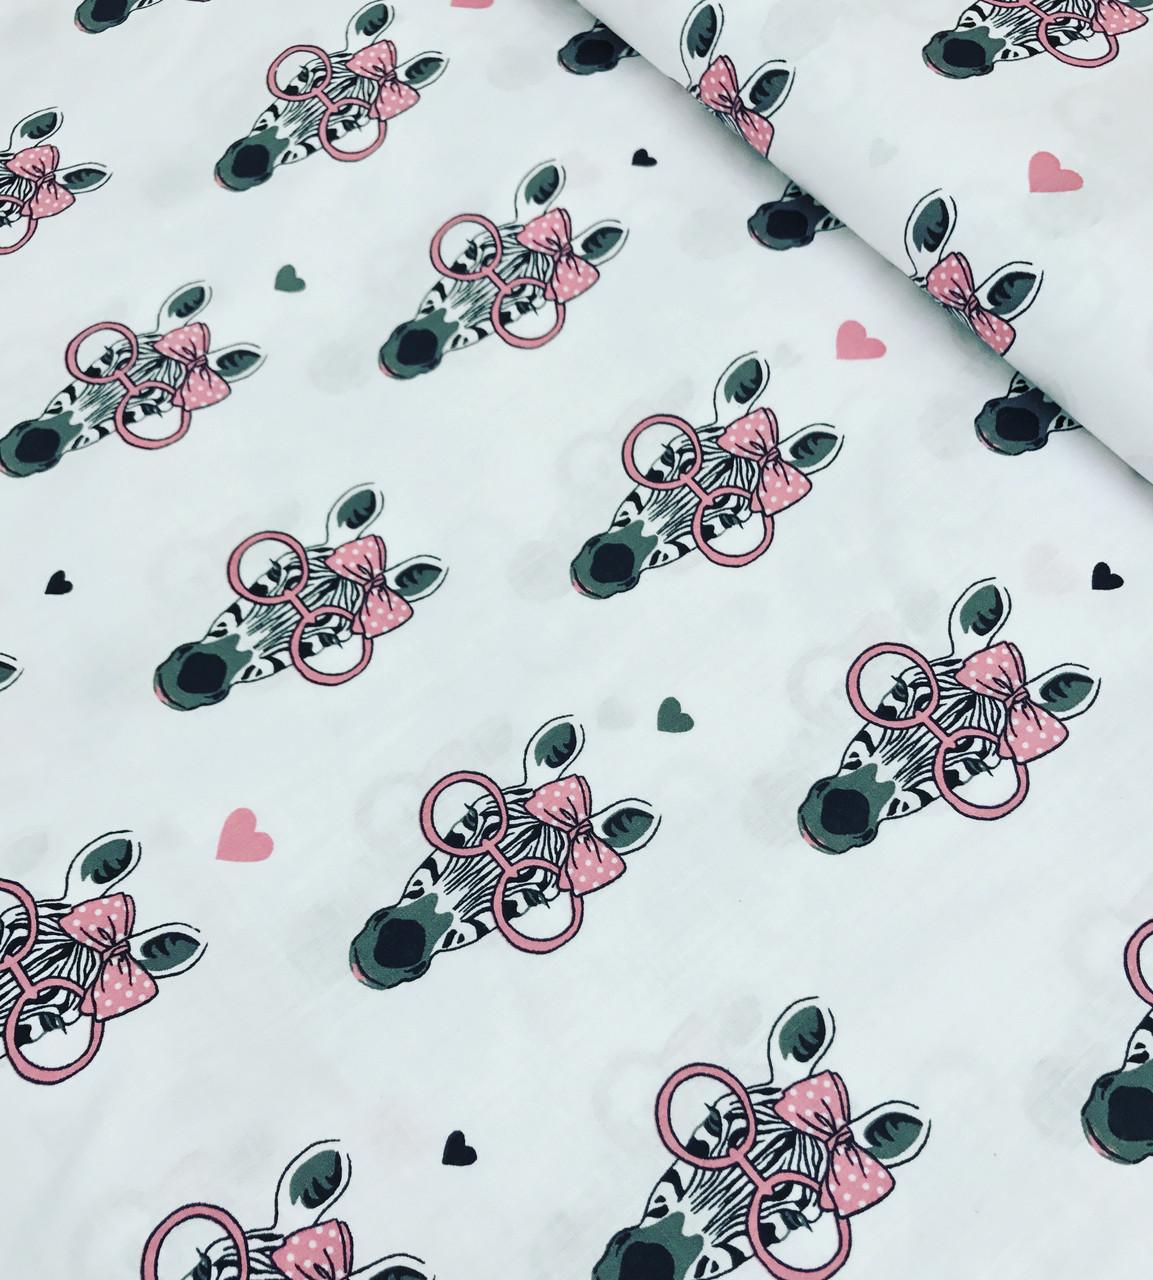 Хлопковая ткань польская зебры в розовых очках на белом №621